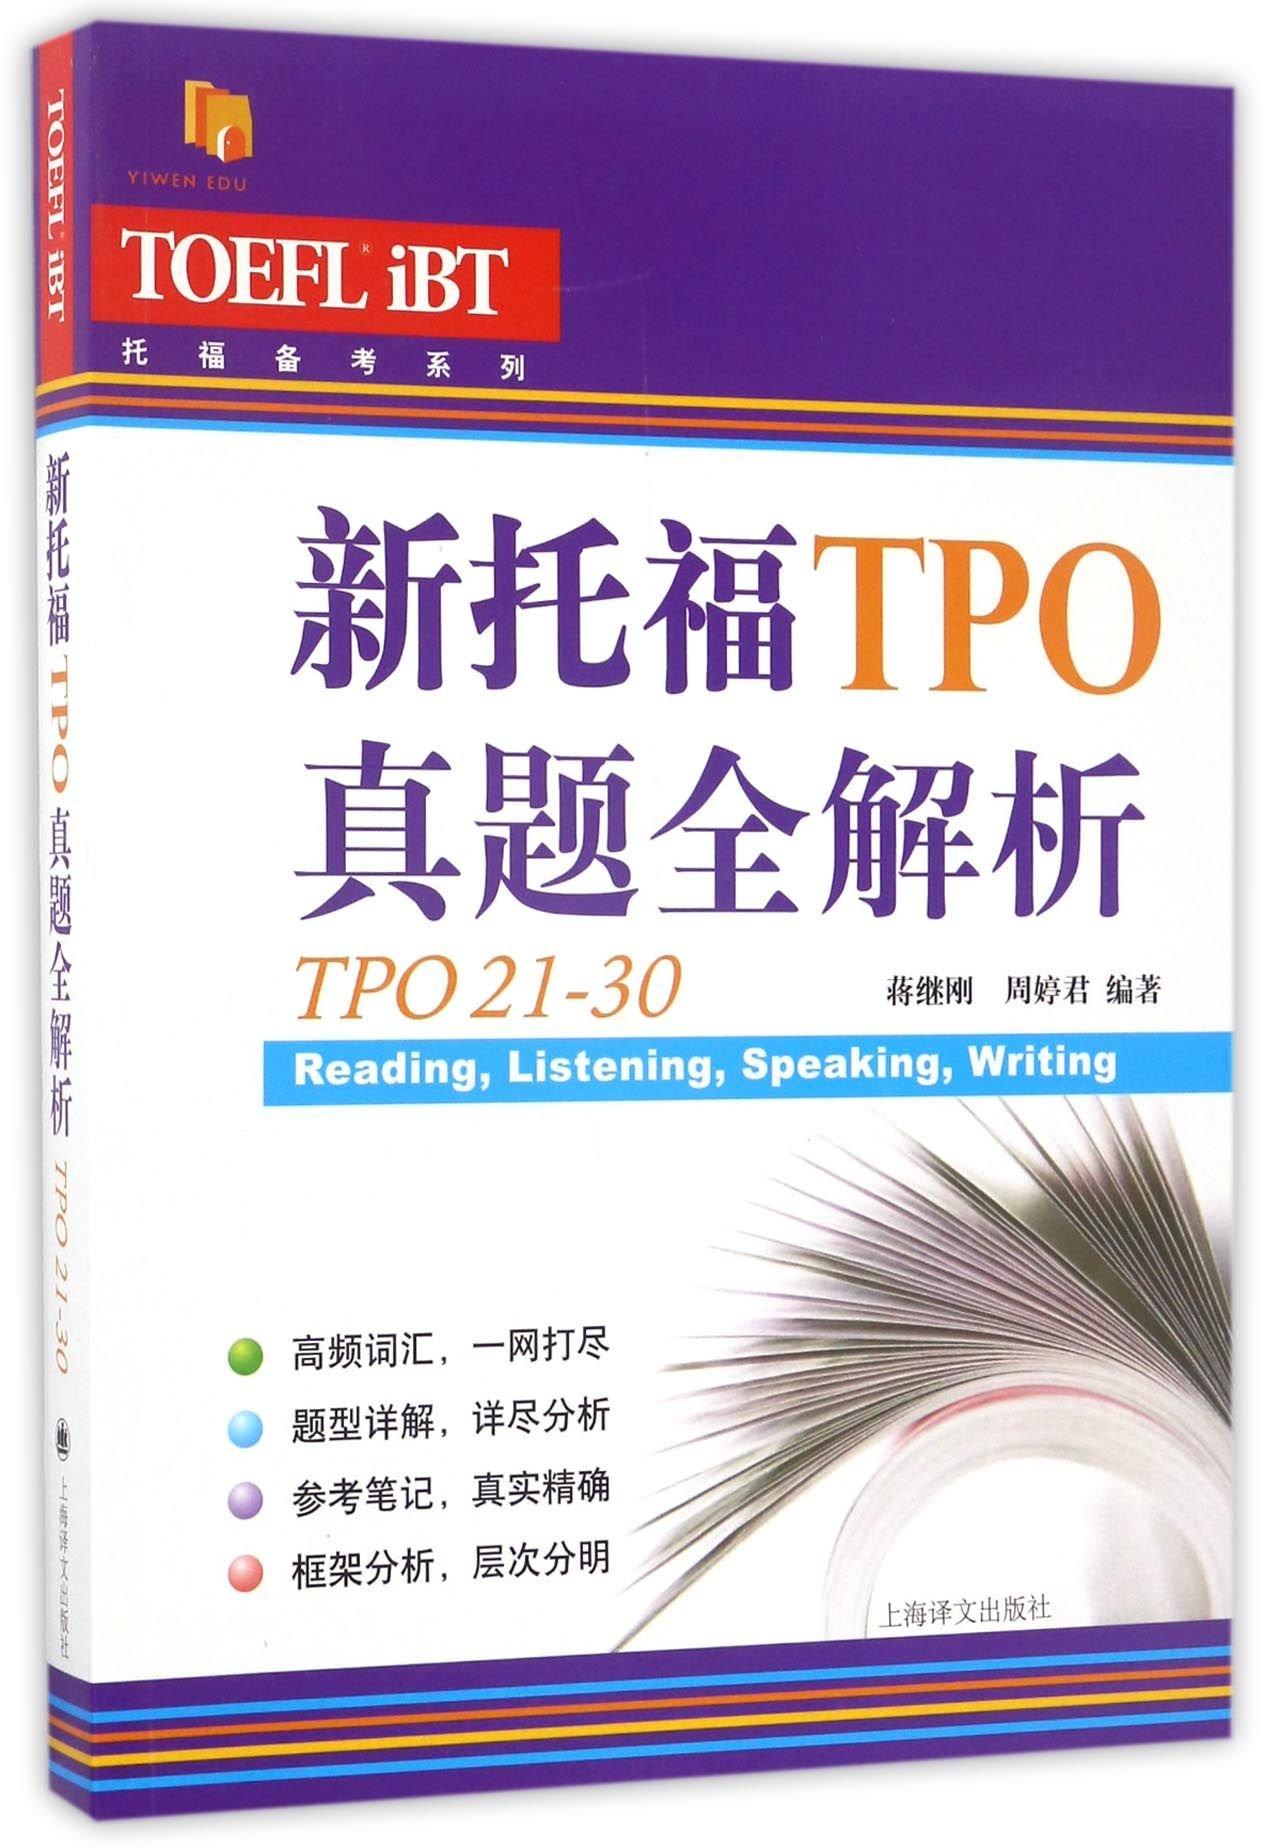 新托福TPO真题全解析(TPO21-30)/托福备考系列: 匿名